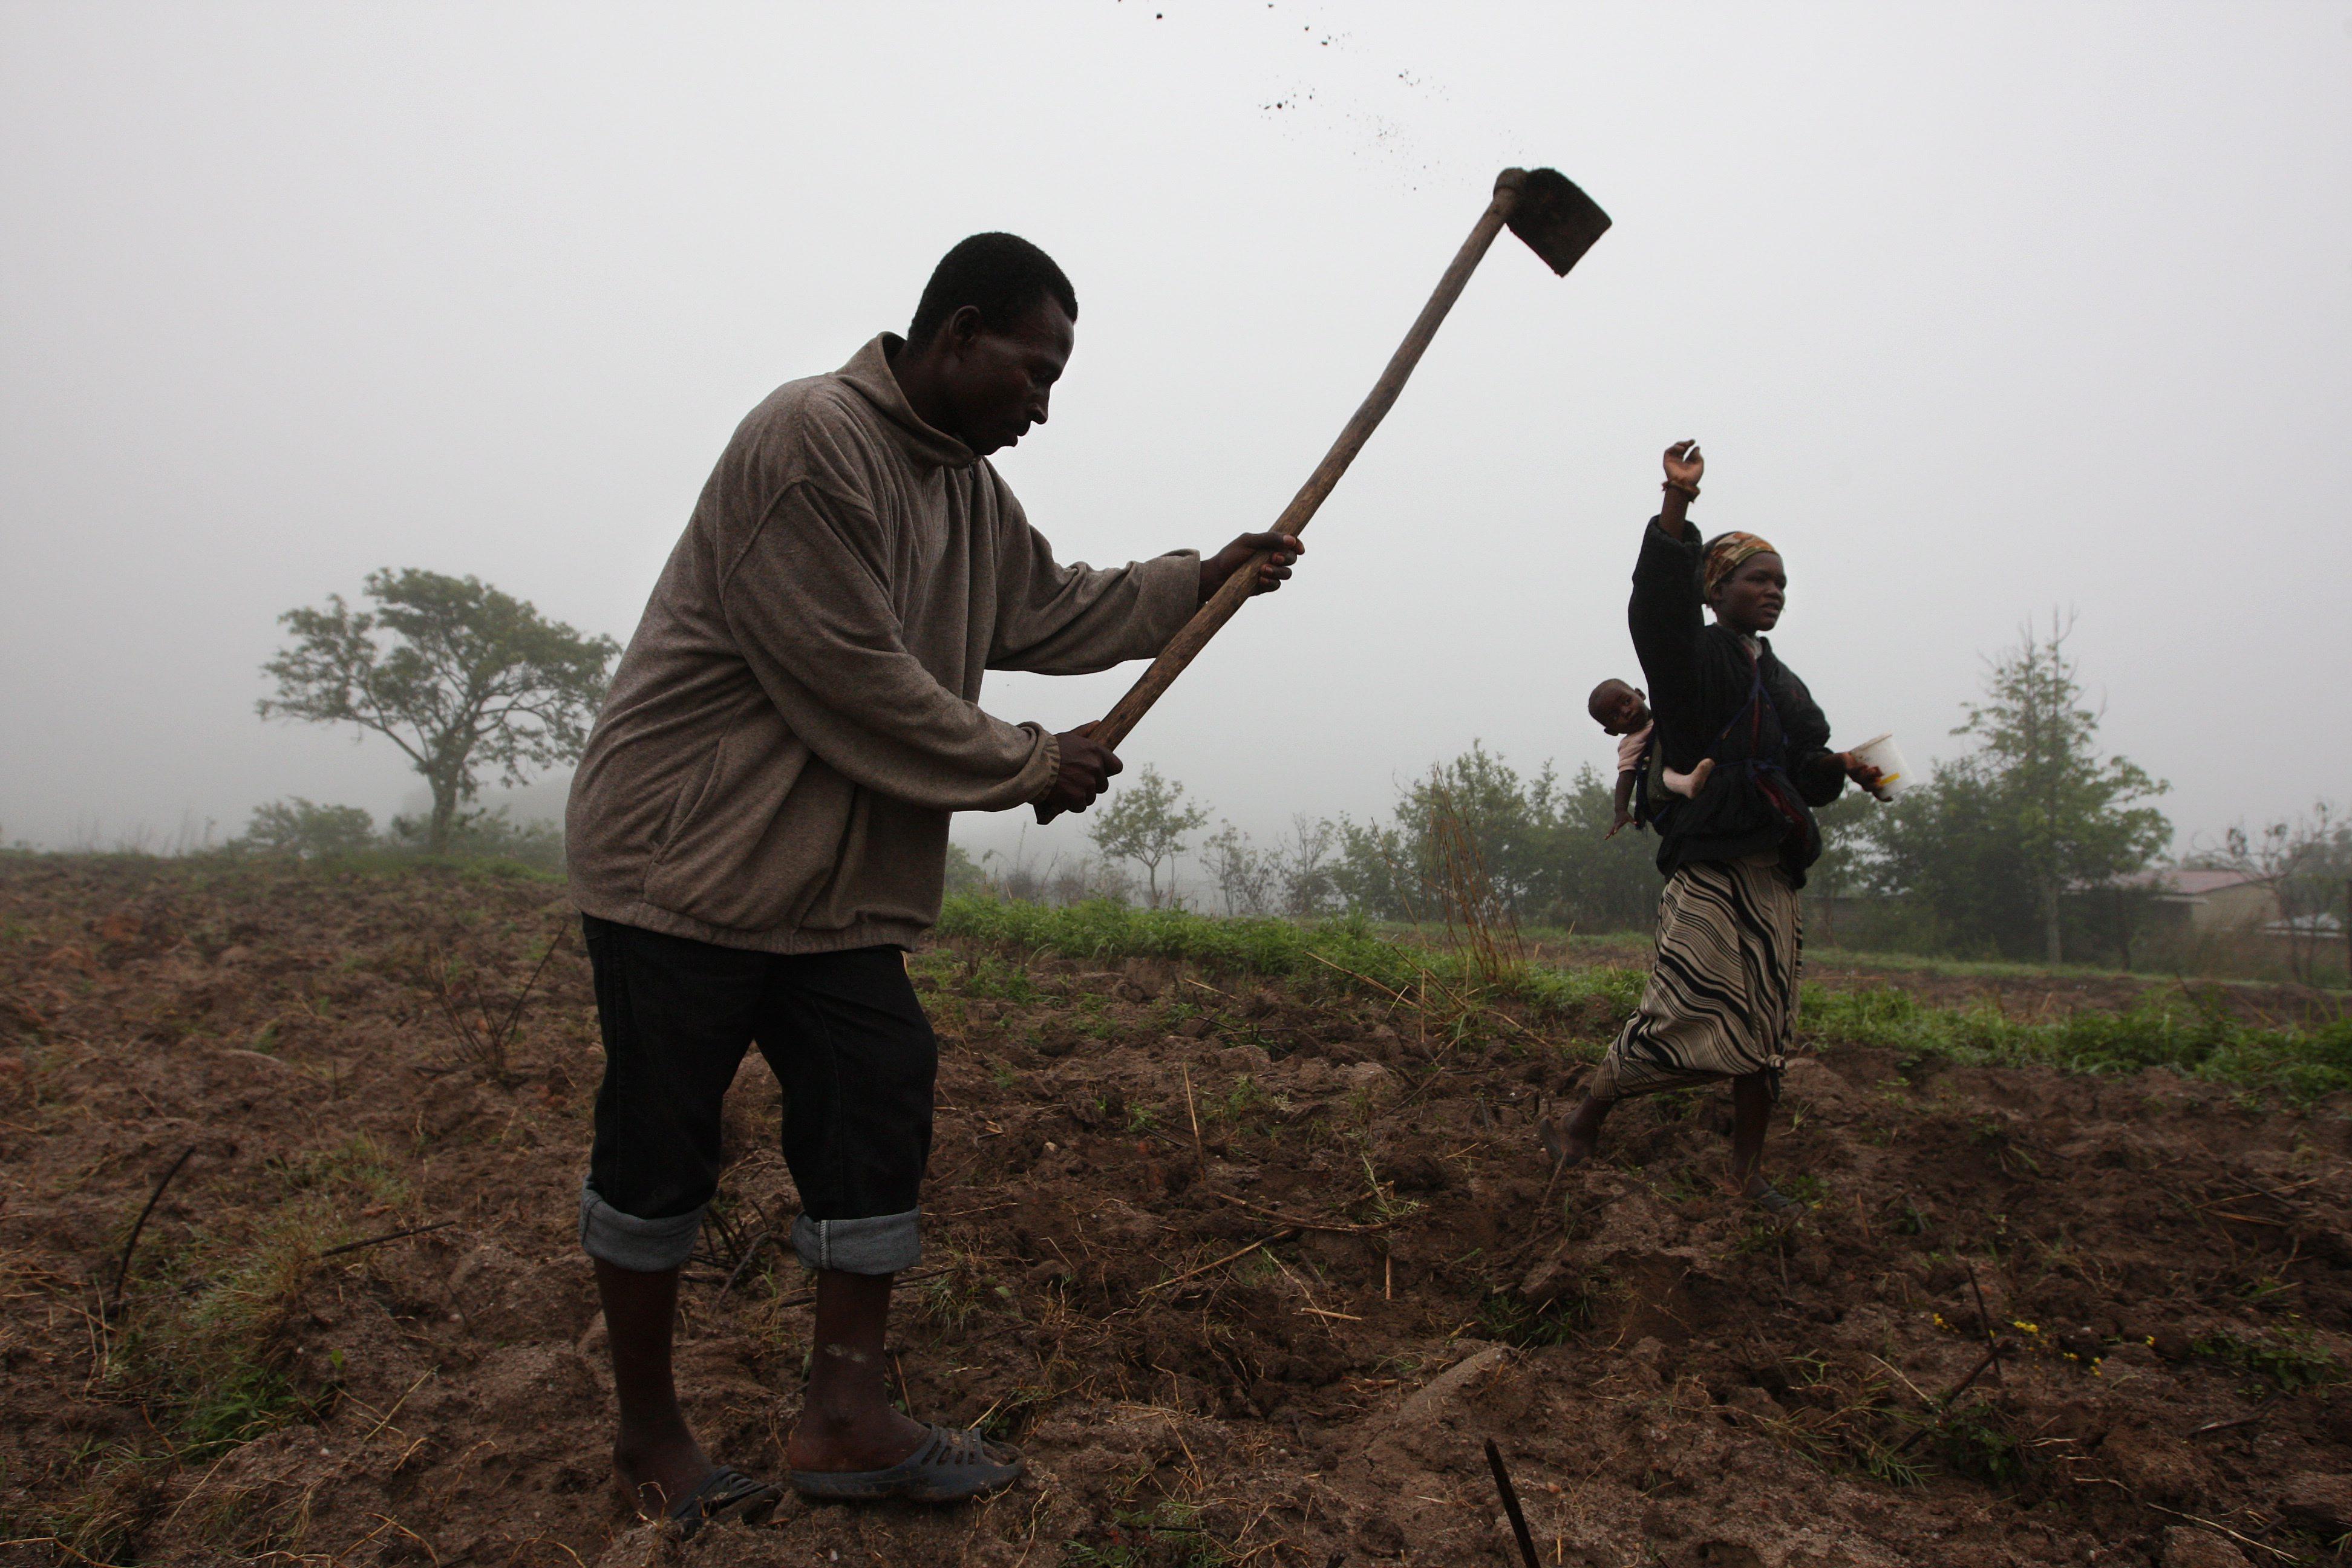 Auditoria a fundo de promoção agrícola na Guiné-Bissau revela má gestão